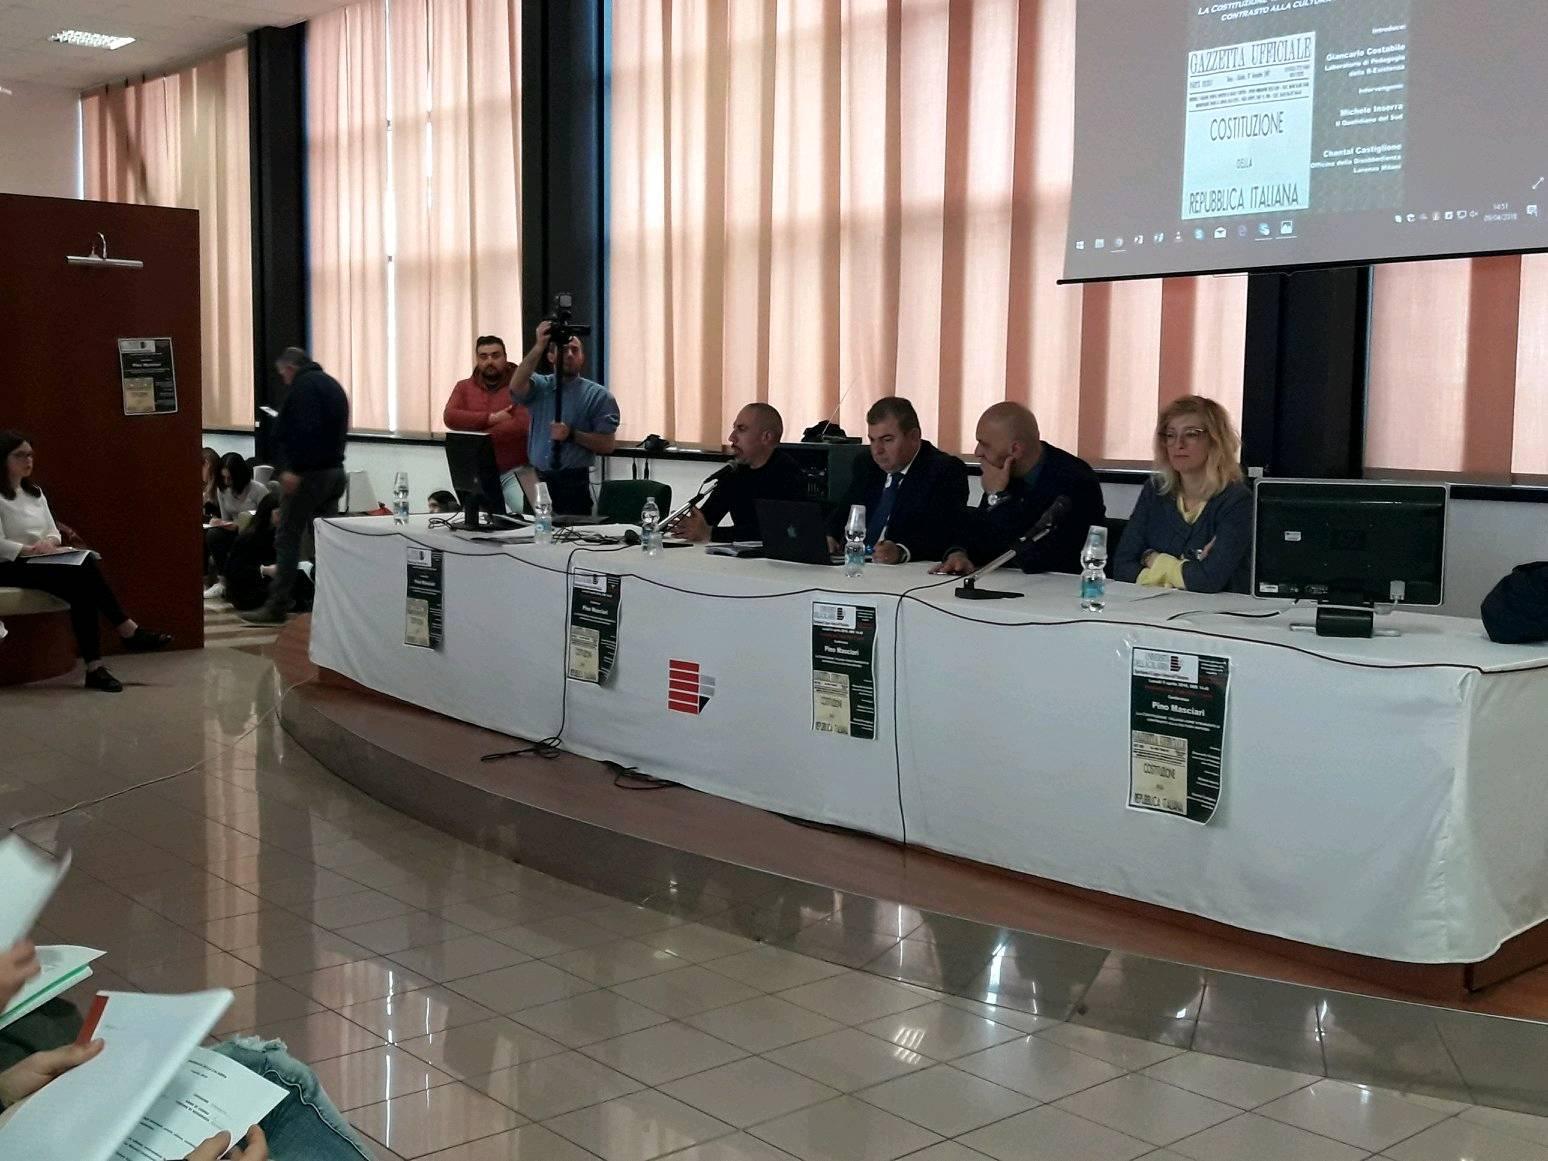 Foto Costabile, Masciari, Inserra, Castiglione